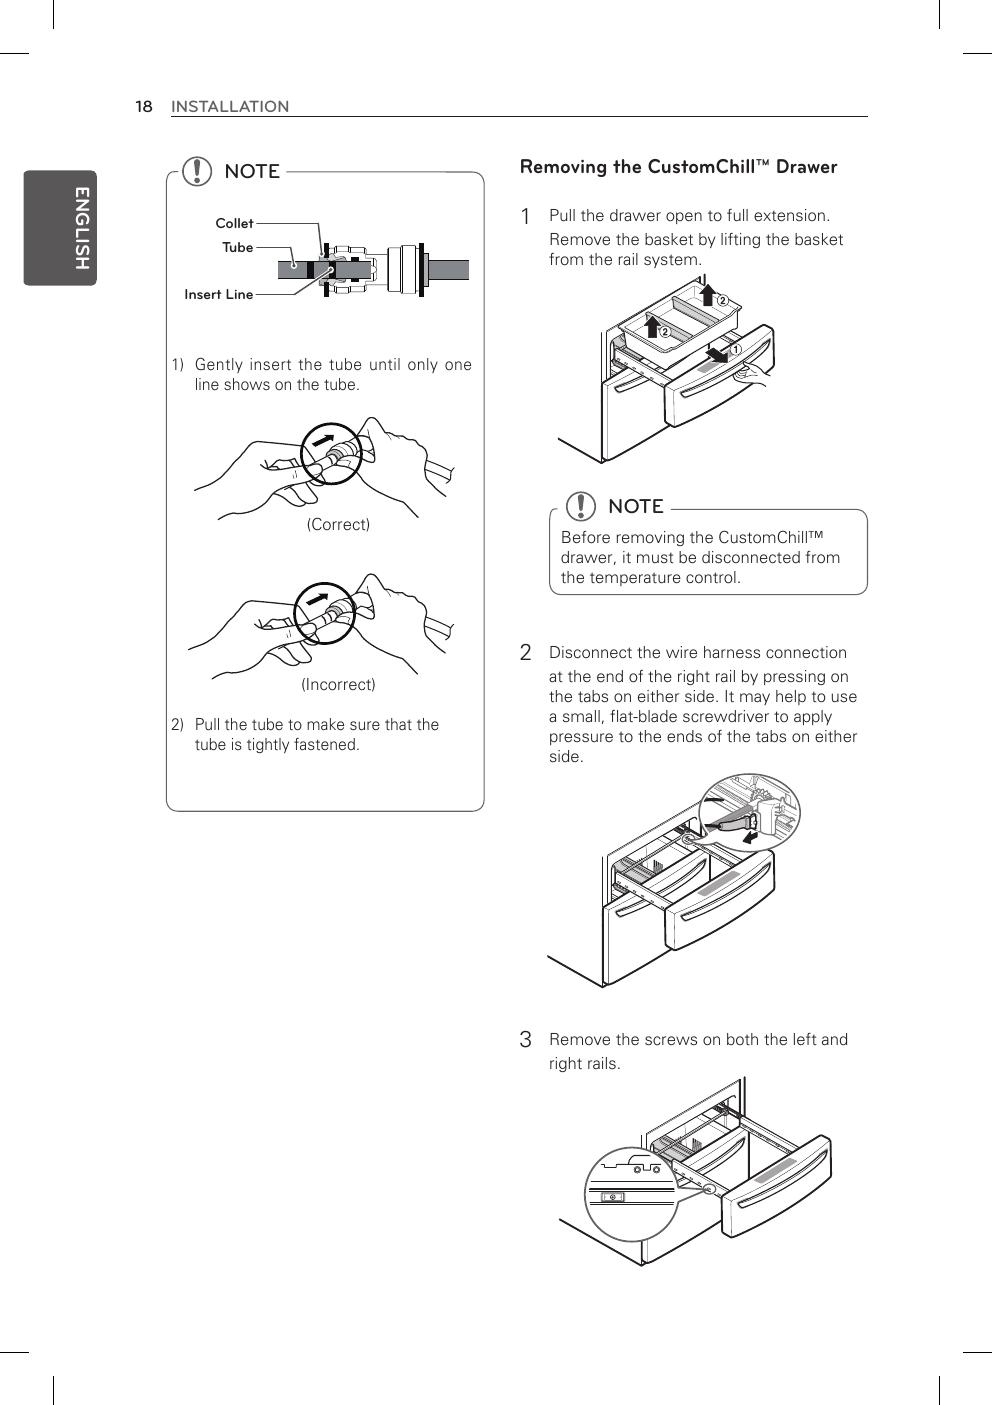 LG LMXC23746S User Manual Owner's MFL69497014 ì˜ ë¶ˆìŠ¤ 204p on